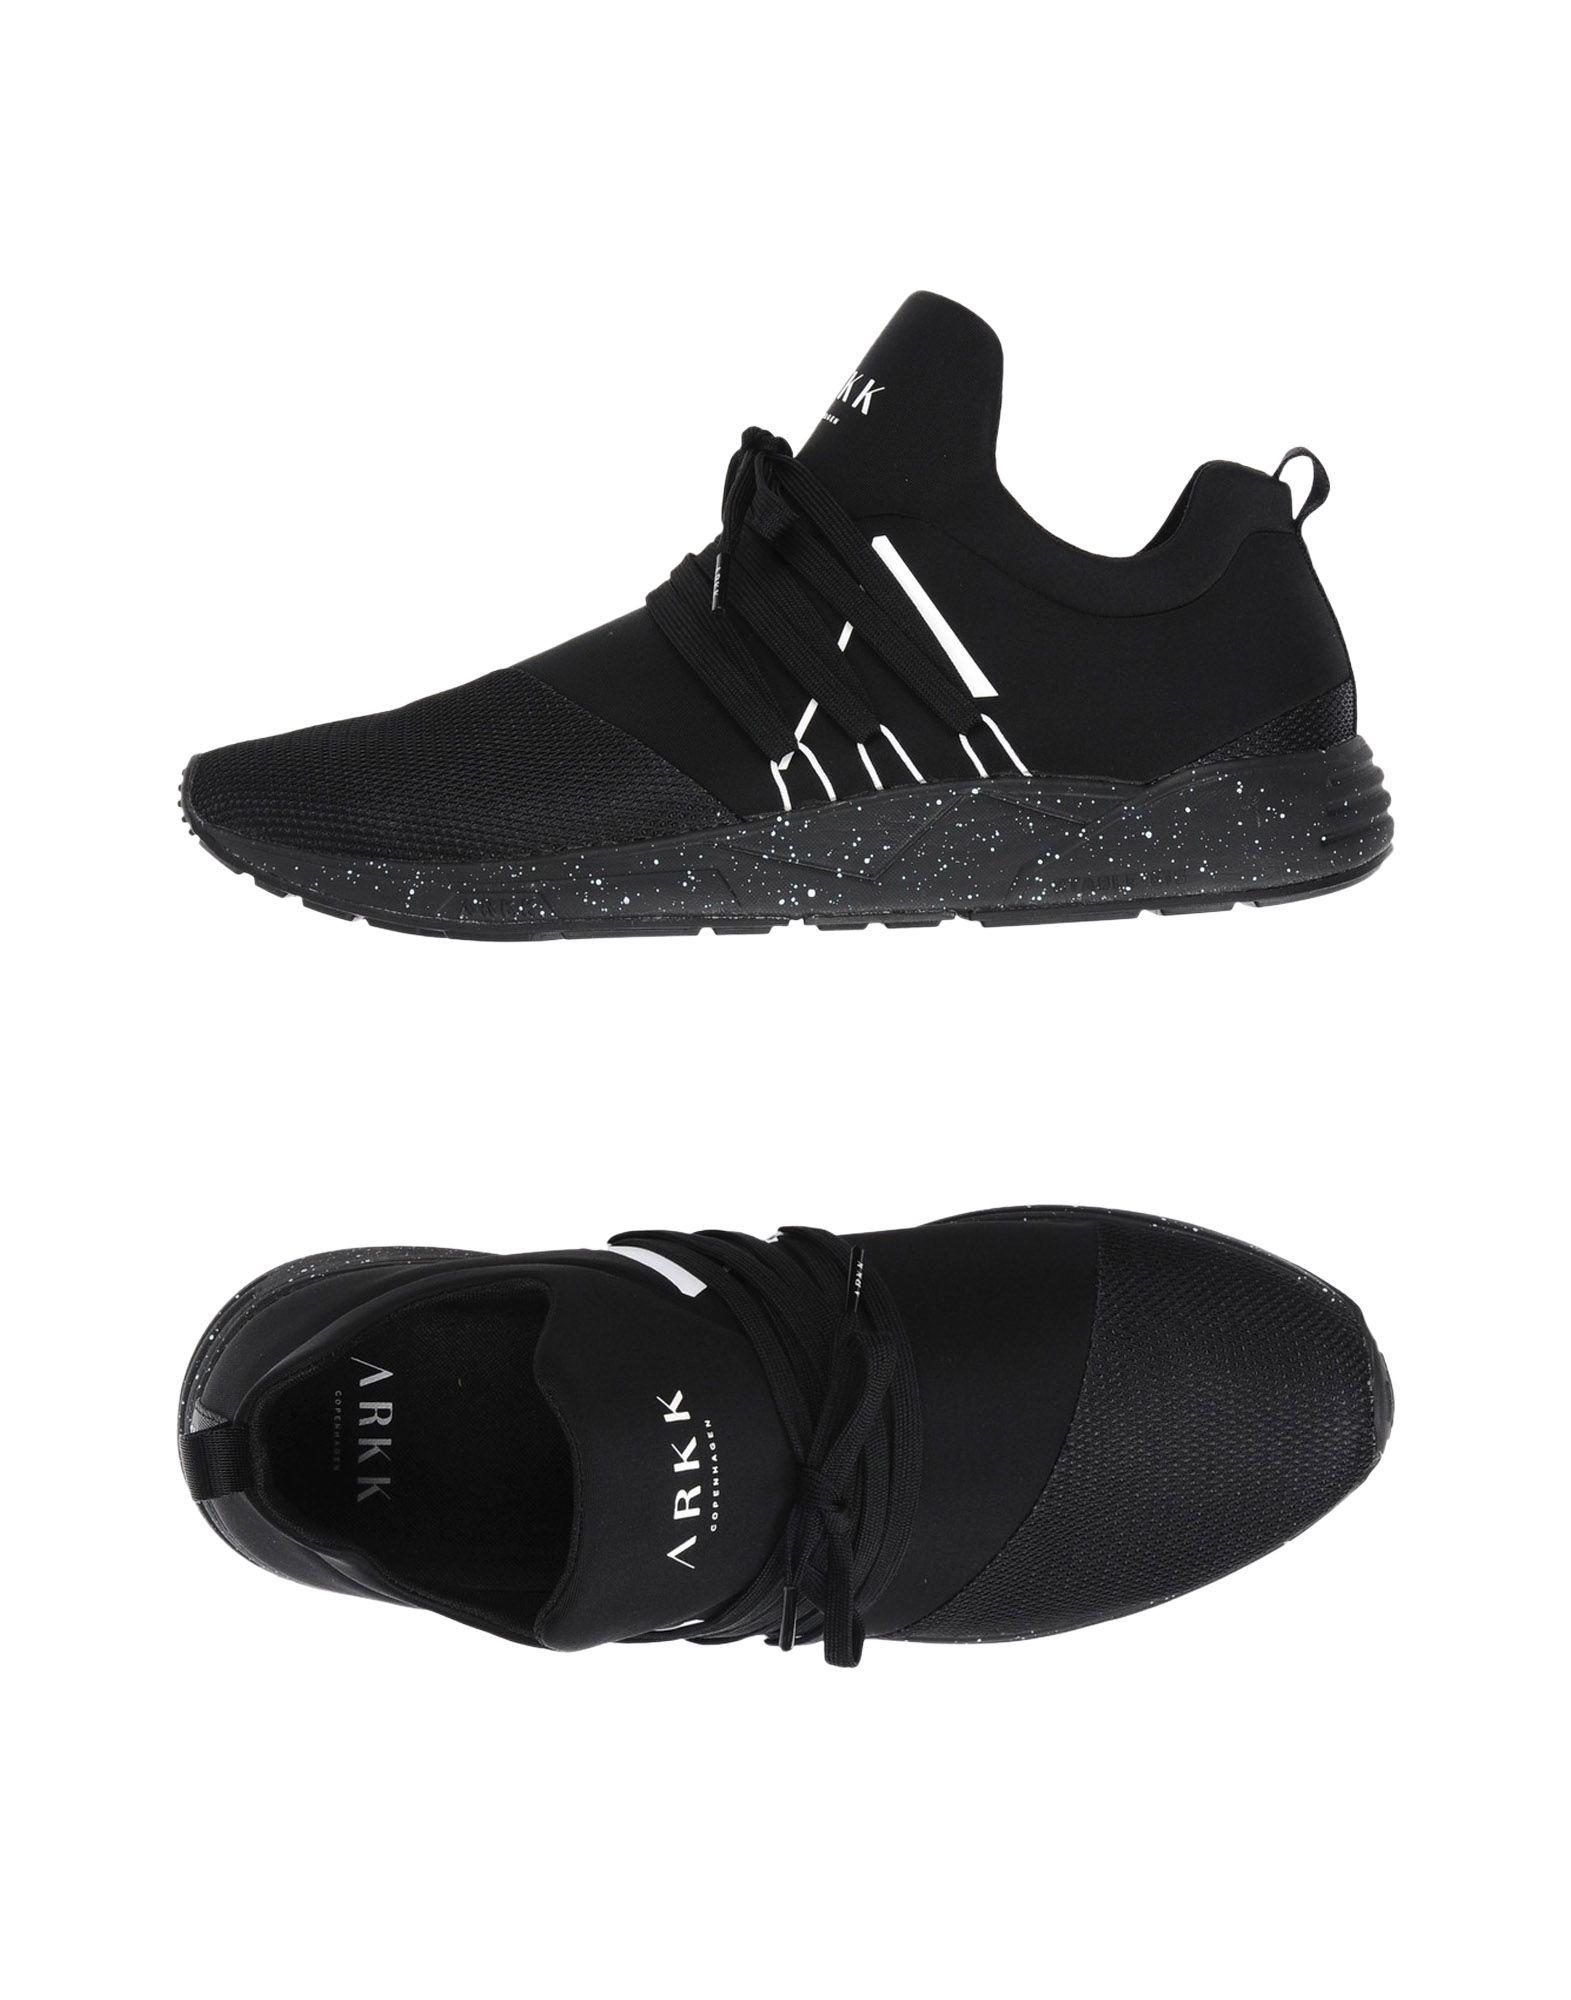 Sneakers Arkk Copenhagen Raven Mesh S-E15 Black White Spray - Uomo - Acquista online su